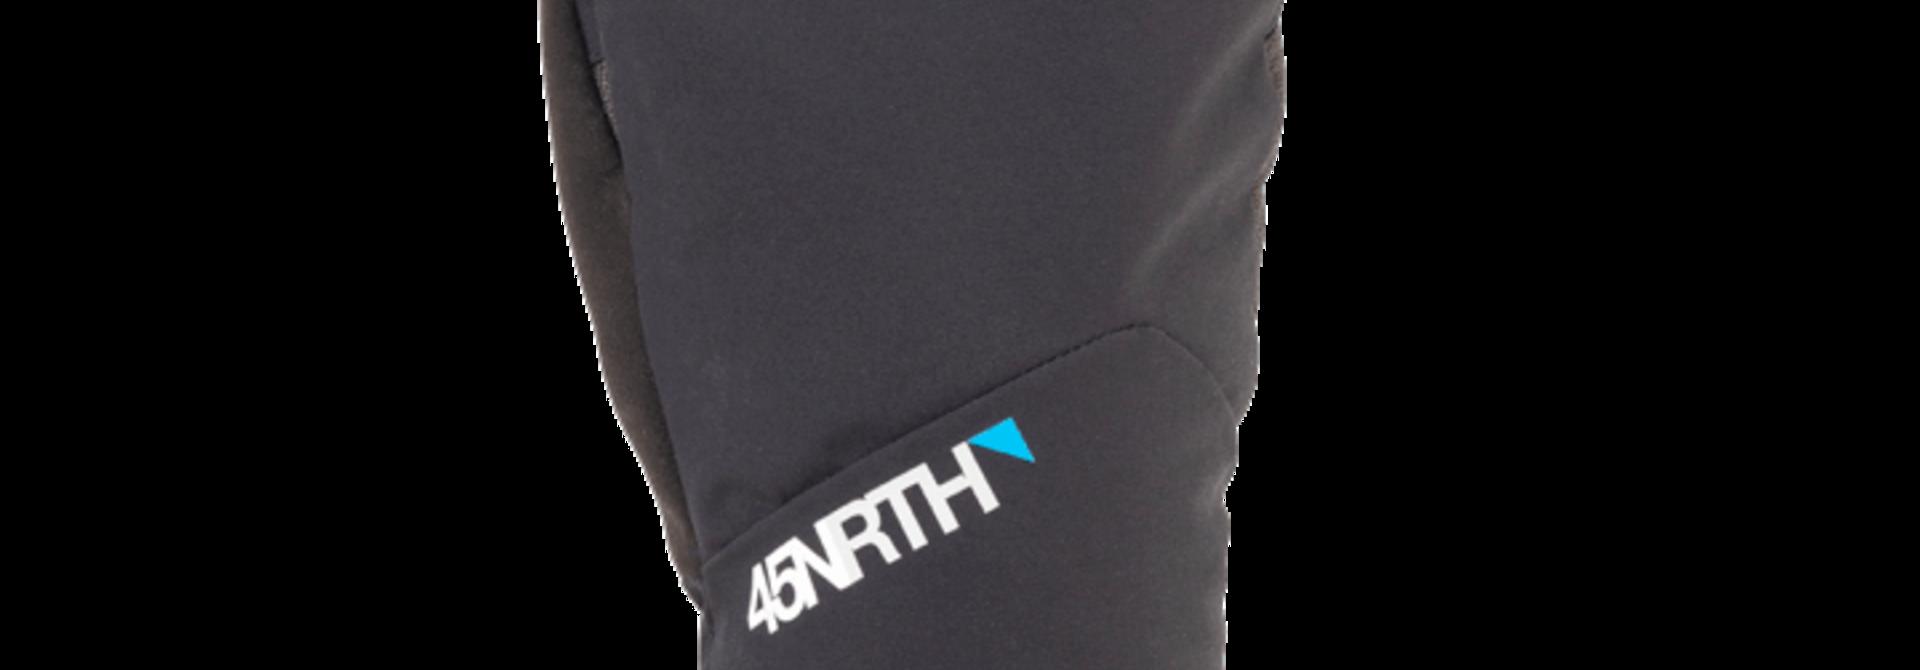 45NRTH Sturmfist 4 Glove / Unisex